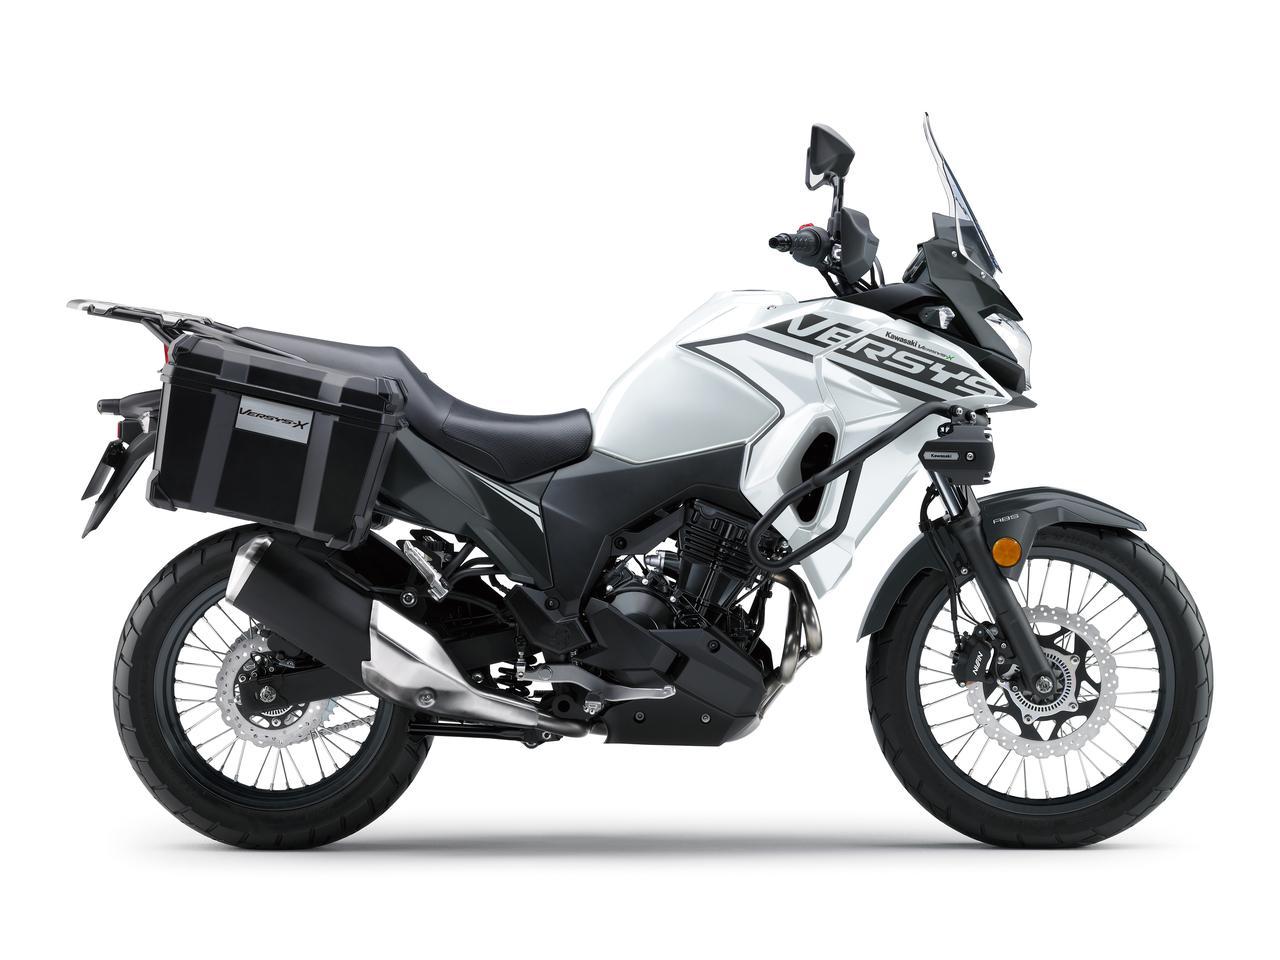 カワサキが「VERSYS-X 250 TOURER」の2020年モデルを販売開始! 初めての白ボディ、さらに都市迷彩風のグレーも新たなグラフィックで復活